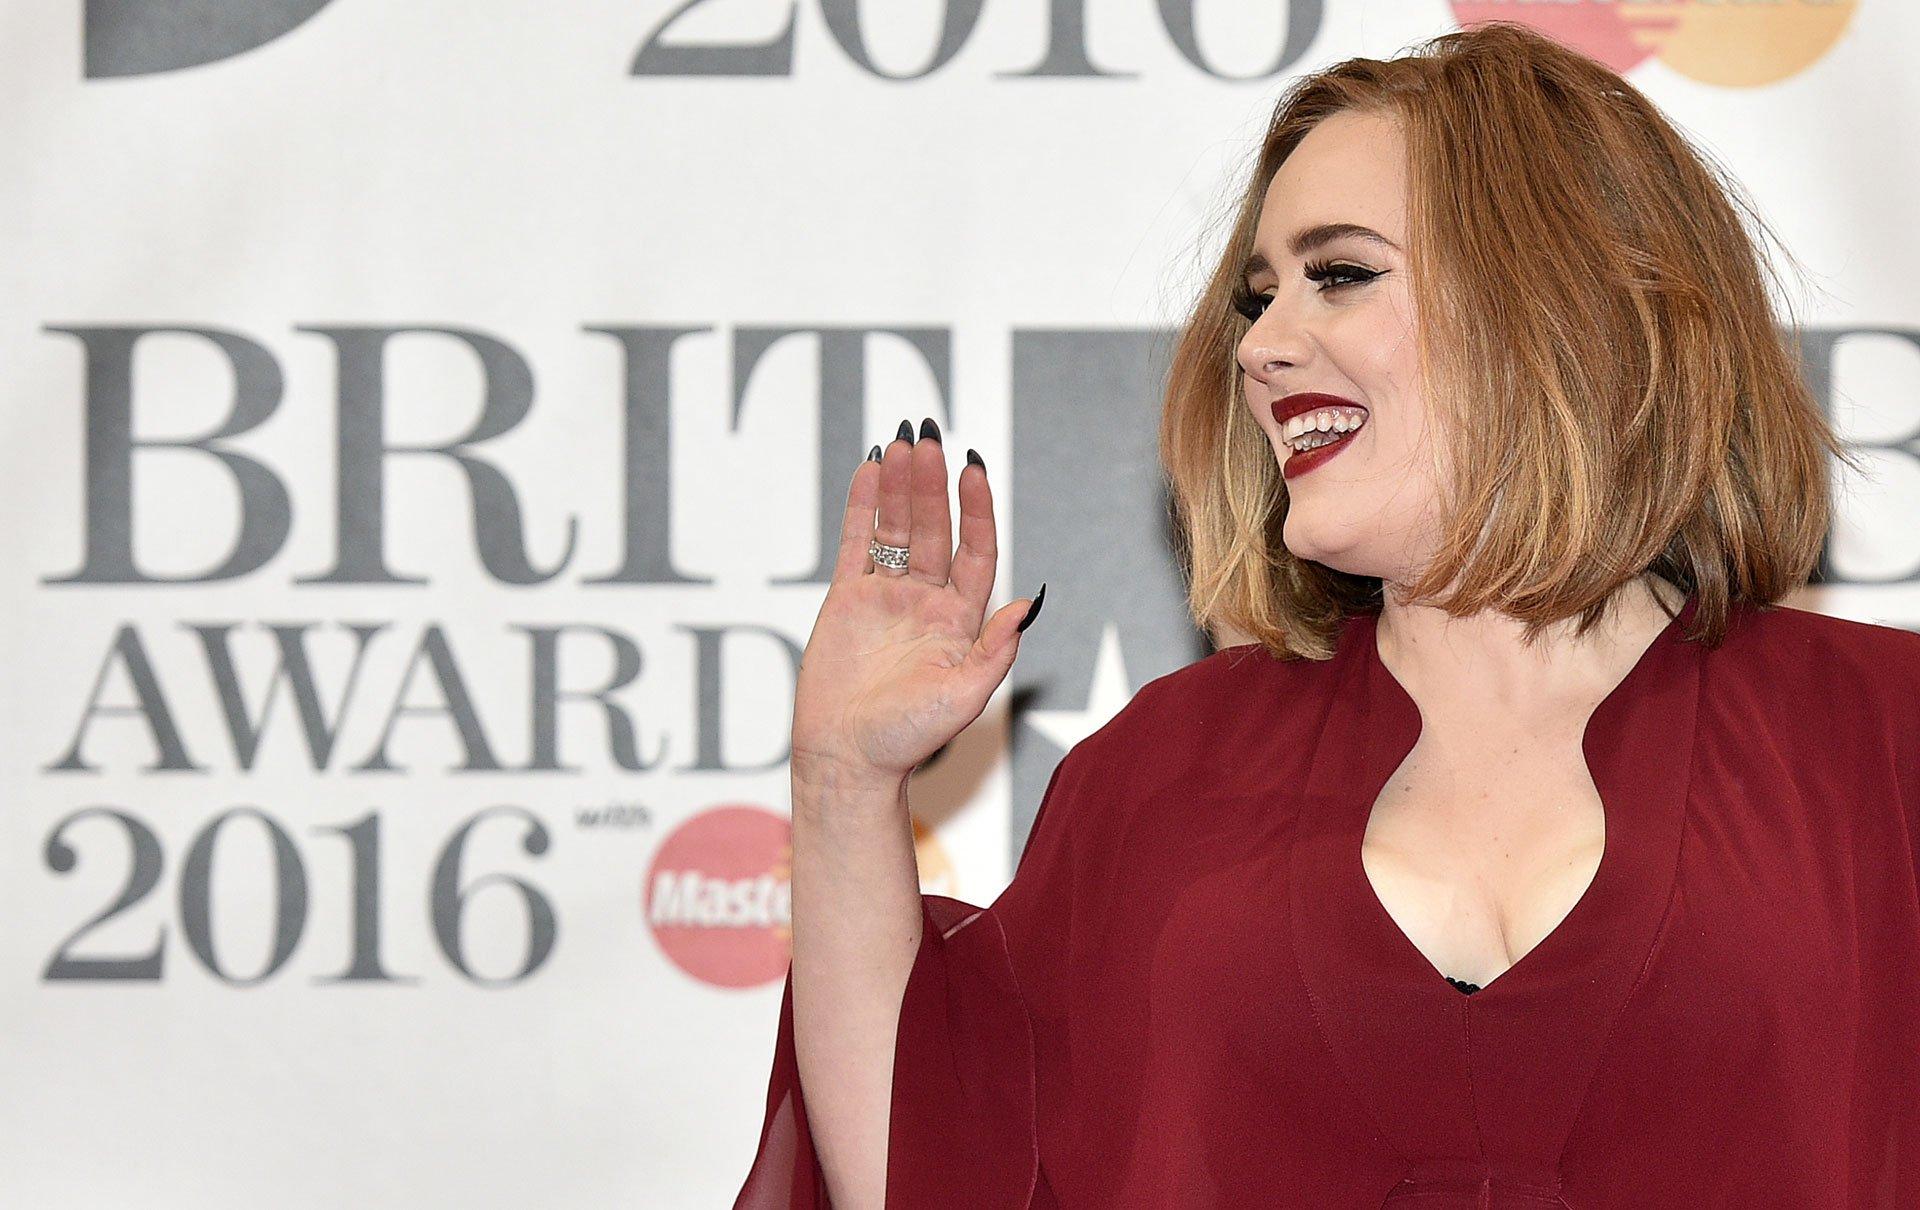 Adele, una de las más criticadas de la noche, usó un vestido demasiado holgado. Así y todo se fue contenta a casa, Hello ganó como el mejor single del año